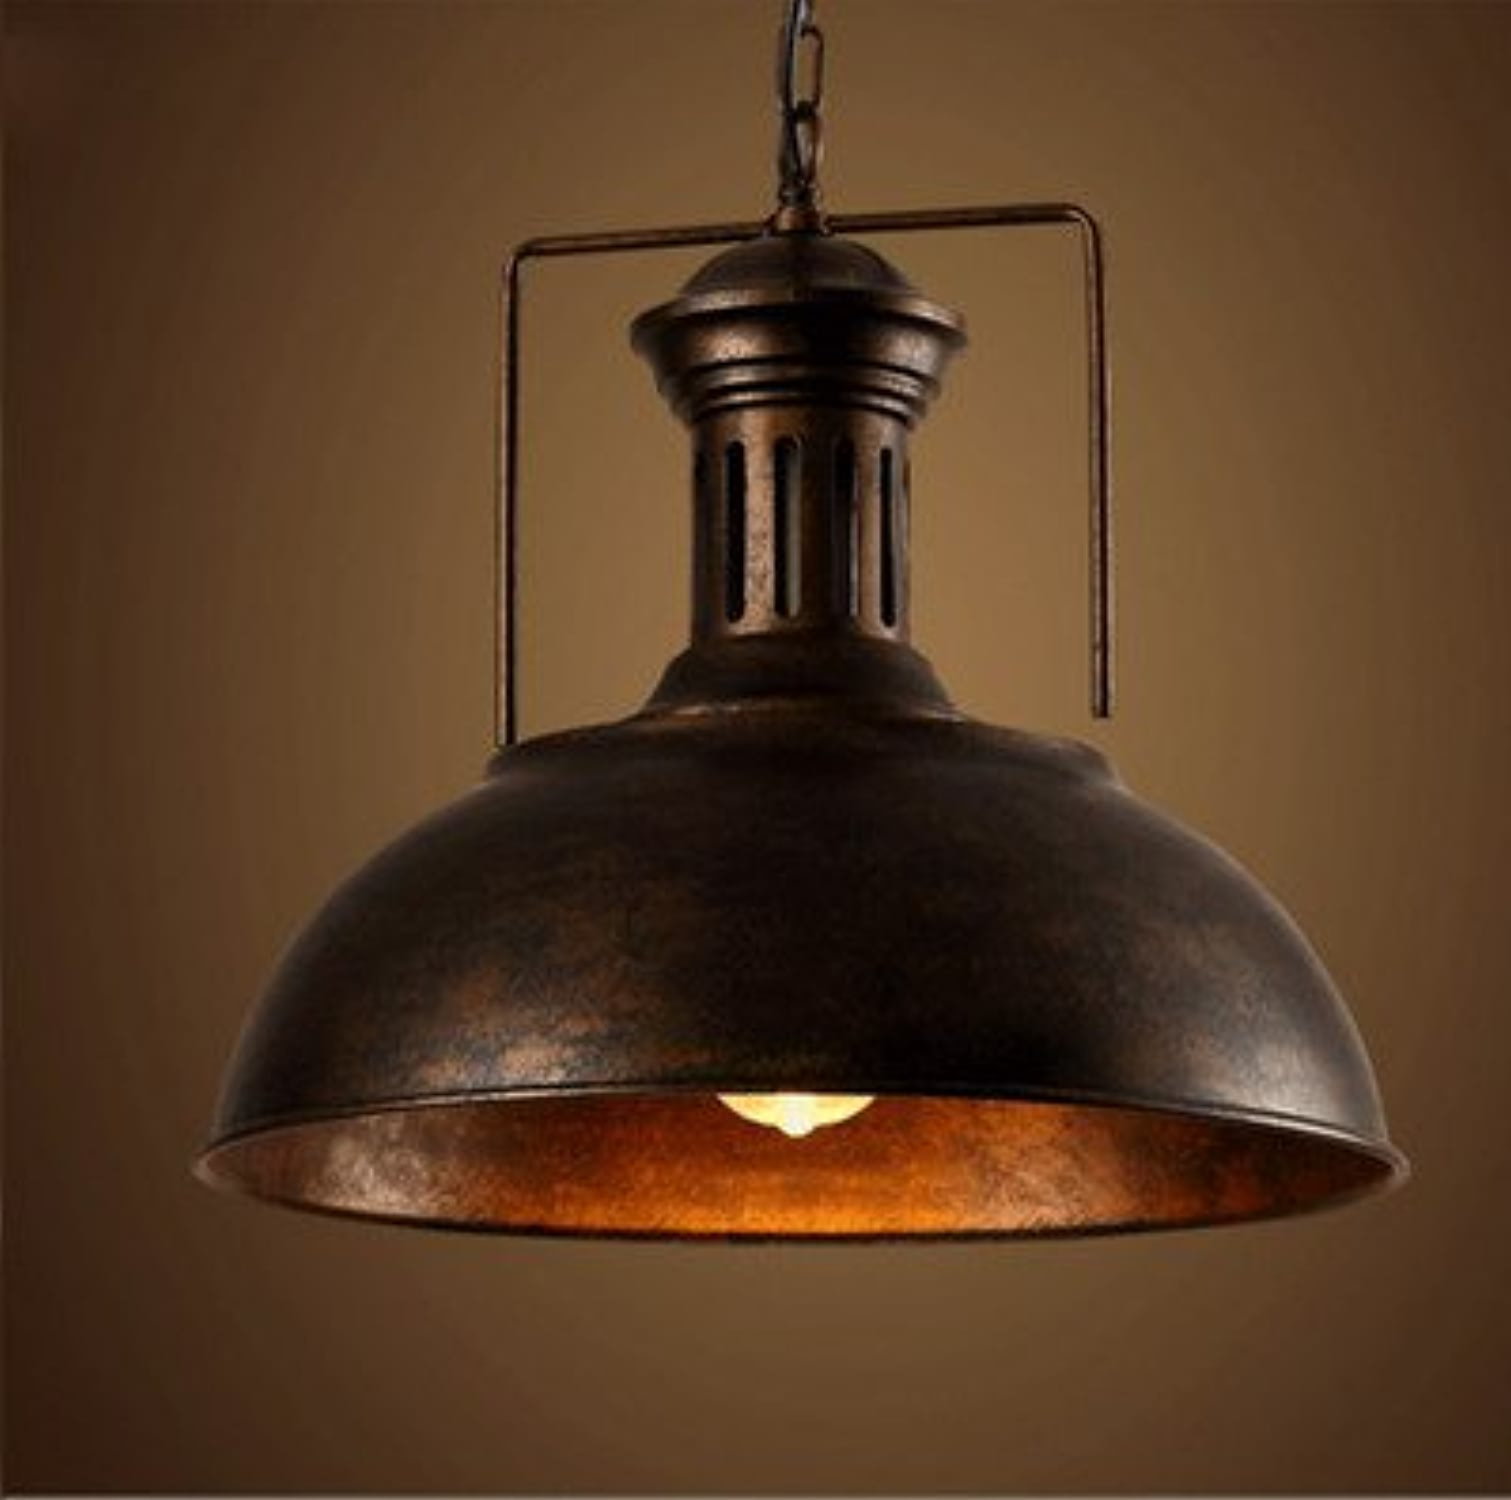 Inconnu HD Loft Iron lumière Industriel Wind Village Warehouse Retro Creative Bar Restaurant Single Head Cover Lustre,Couleur rouillée,410mm